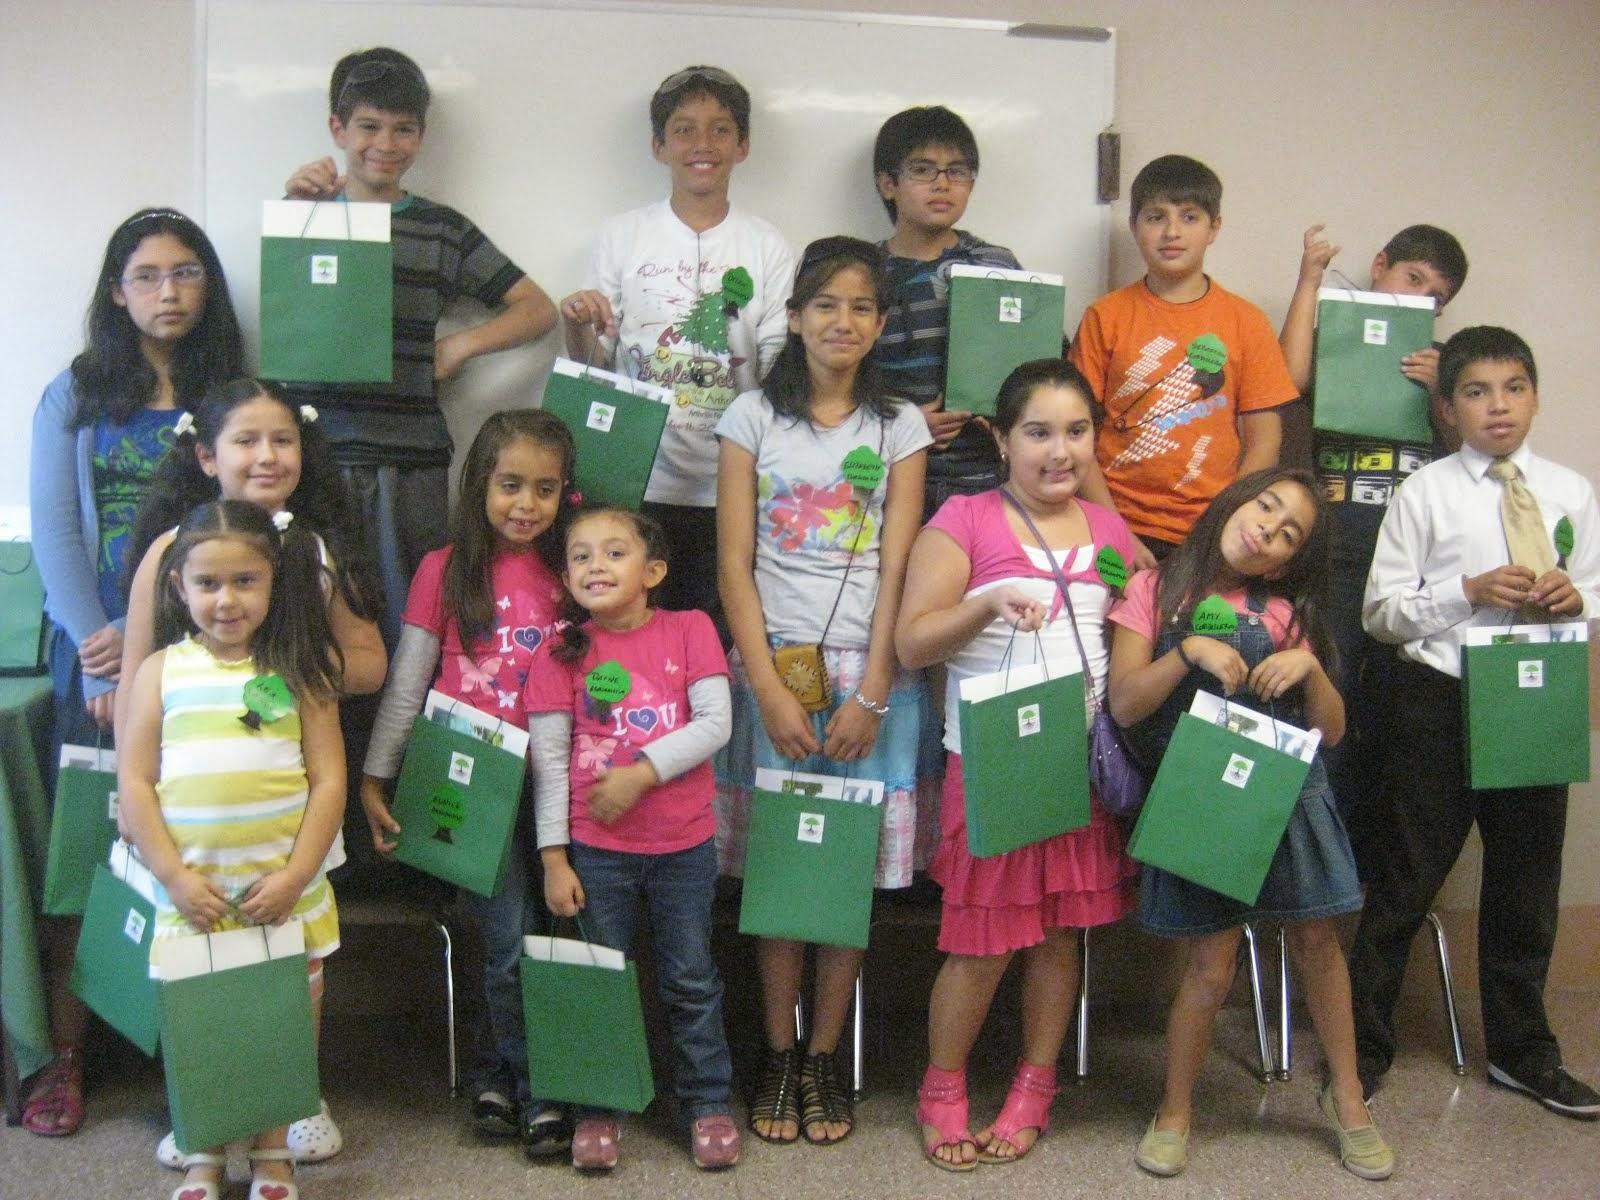 Niños con sus bolsas de trabajos del Taller HF